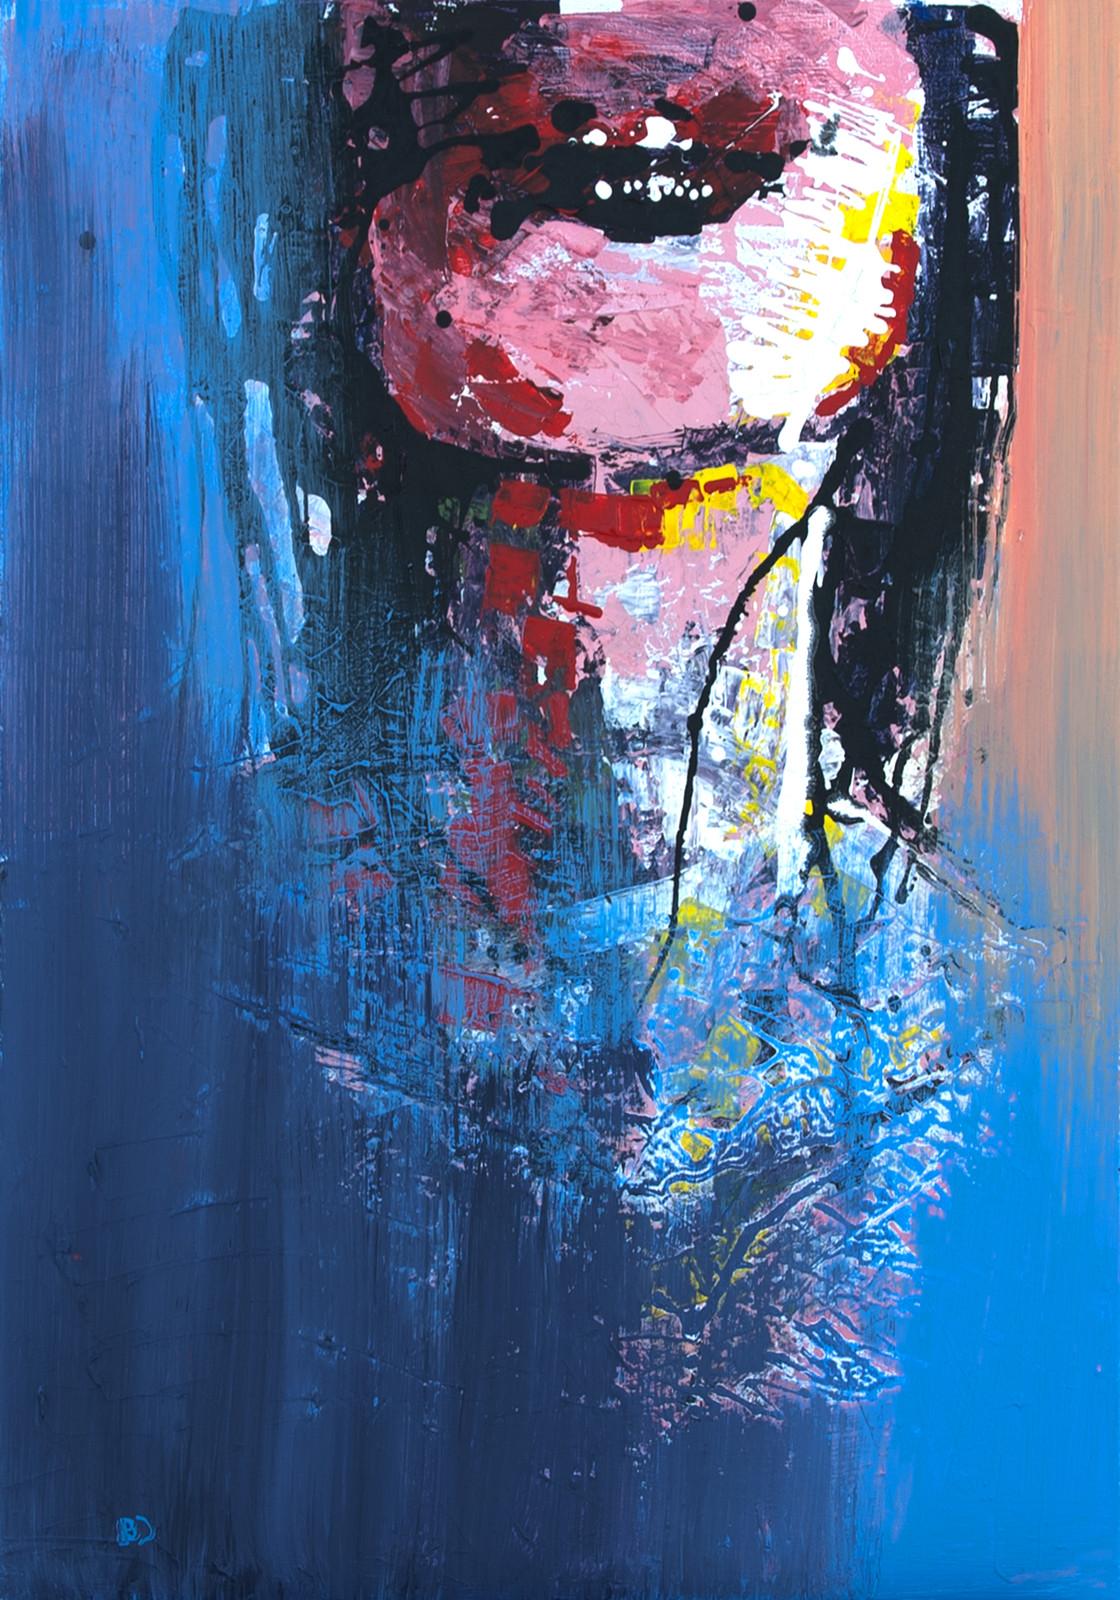 Dream, The Gallows Pt. 2 Acrylic on canvas (60 x 80cm)